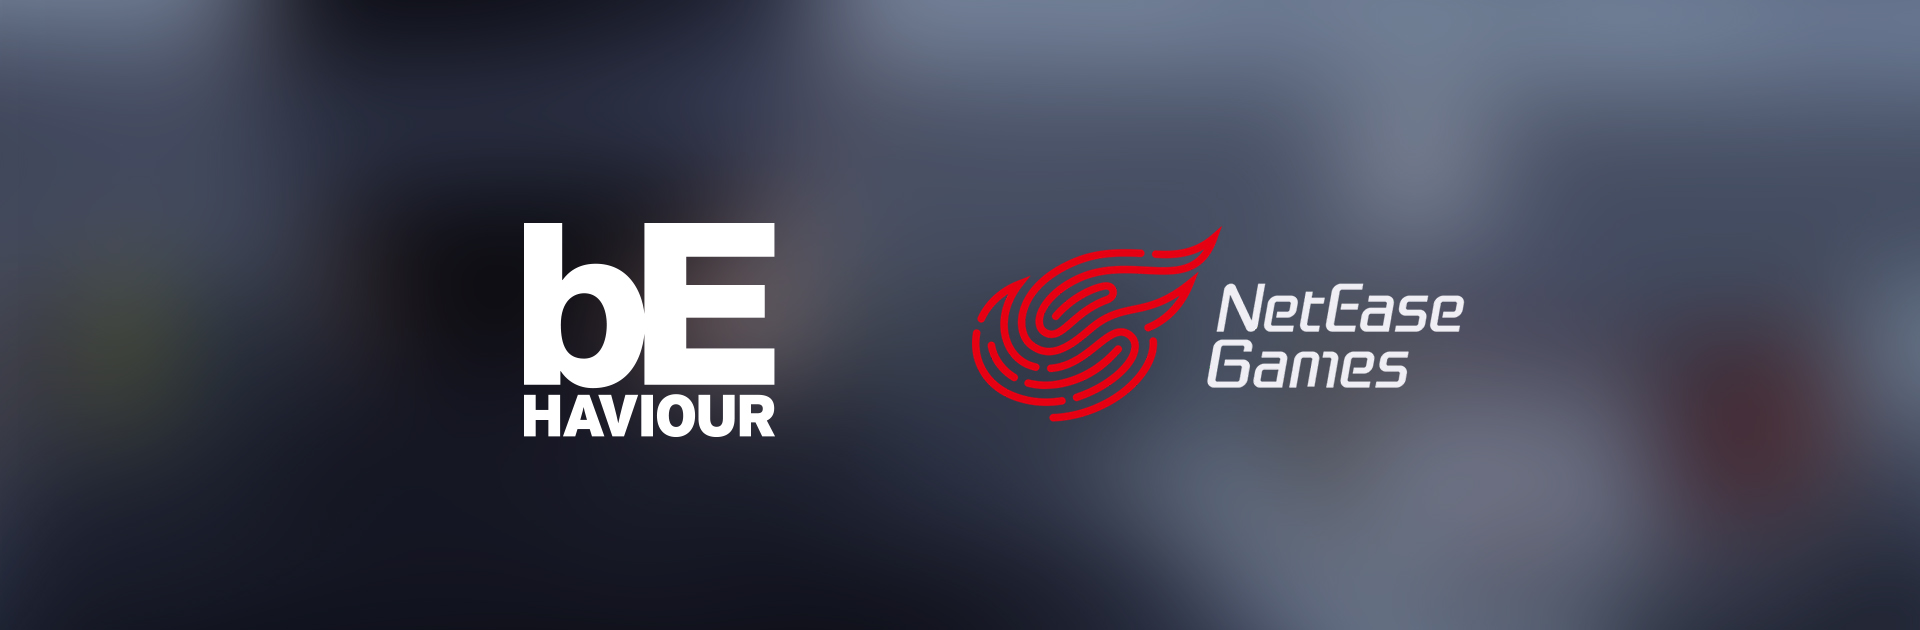 NetEase Games réalise un investissement stratégique dans Behaviour Interactif